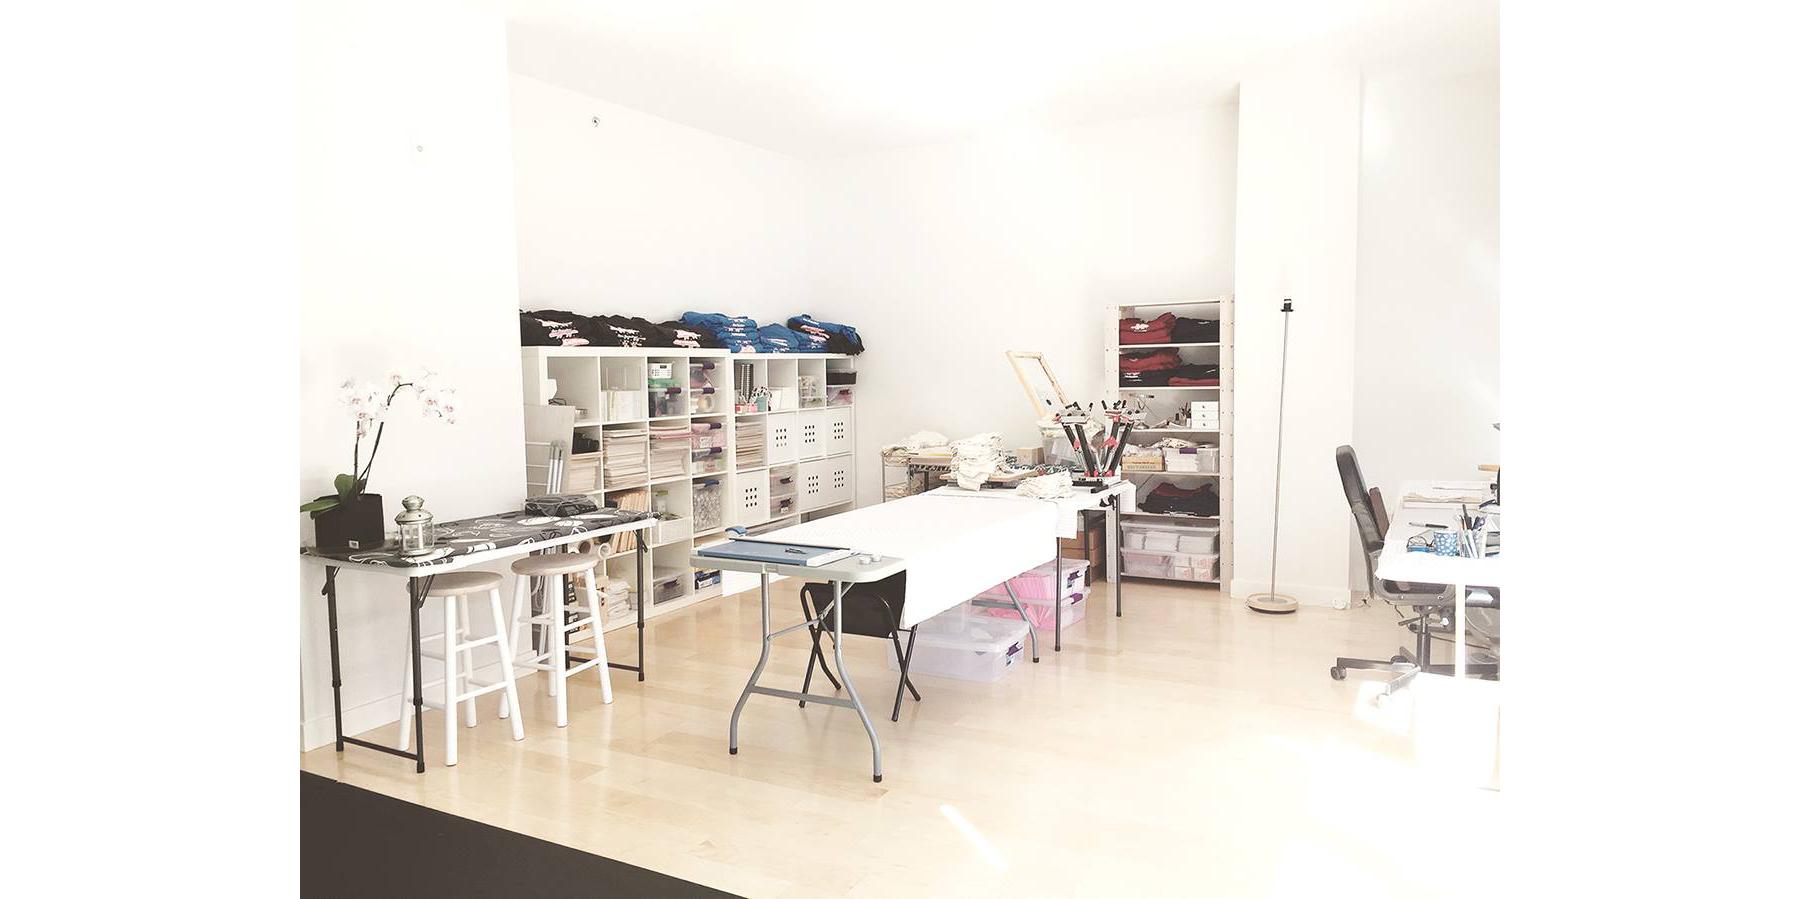 Tomoko's Art Studio - SoMa in San Francisco